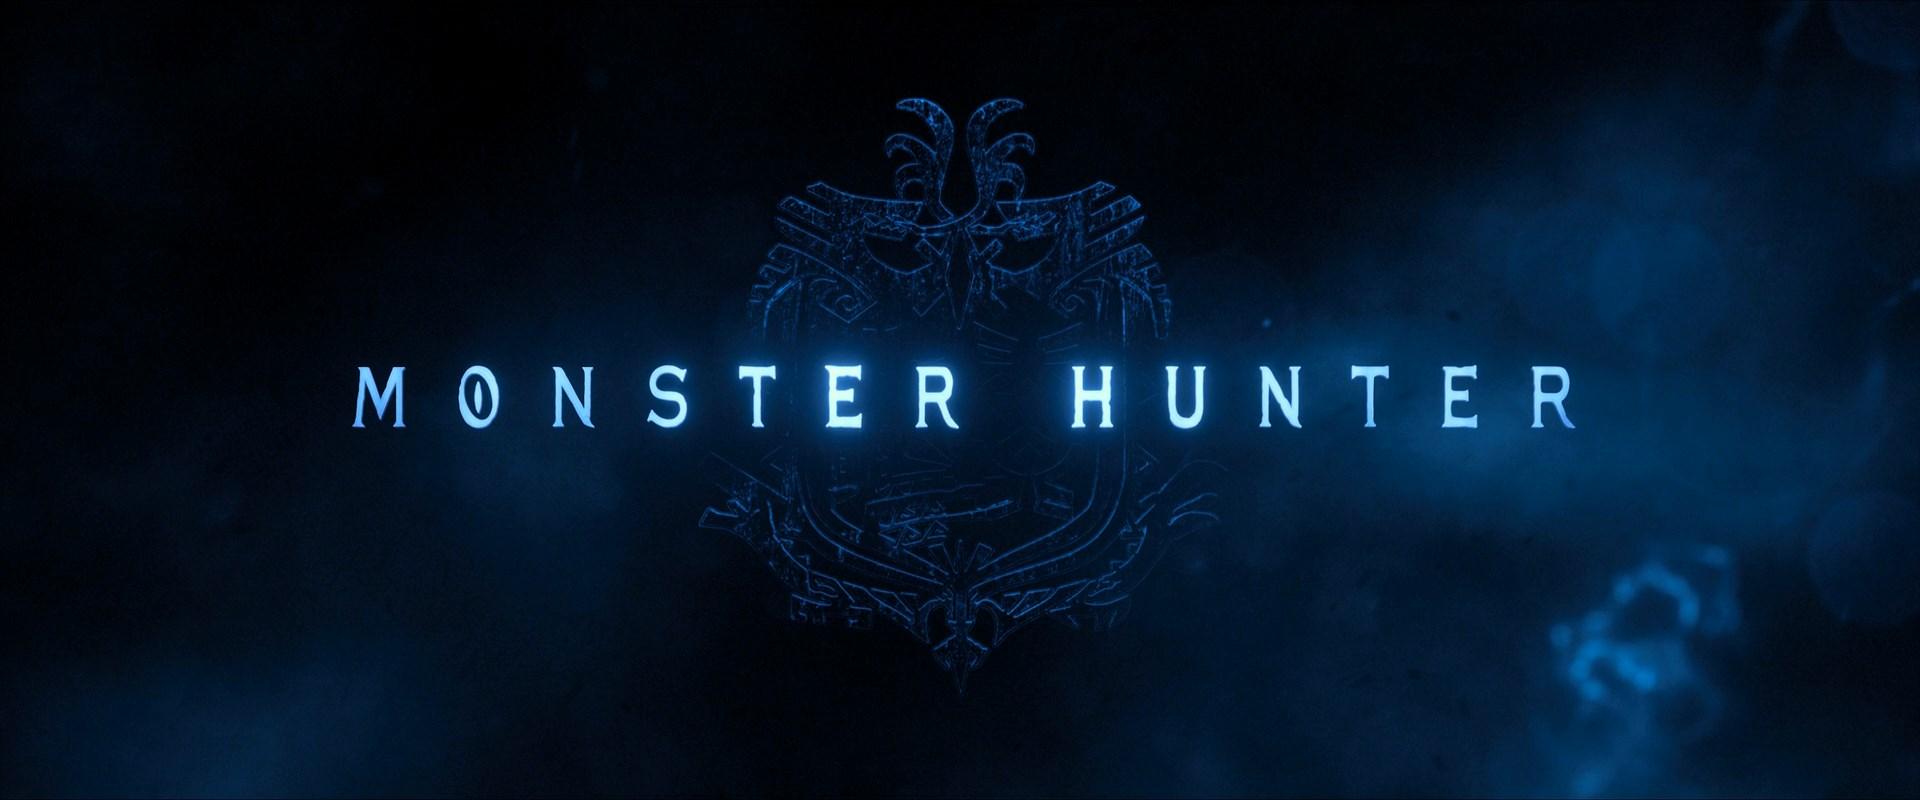 Monster Hunter: La cacería comienza (2020) 1080p WEB-DL AMZN Latino